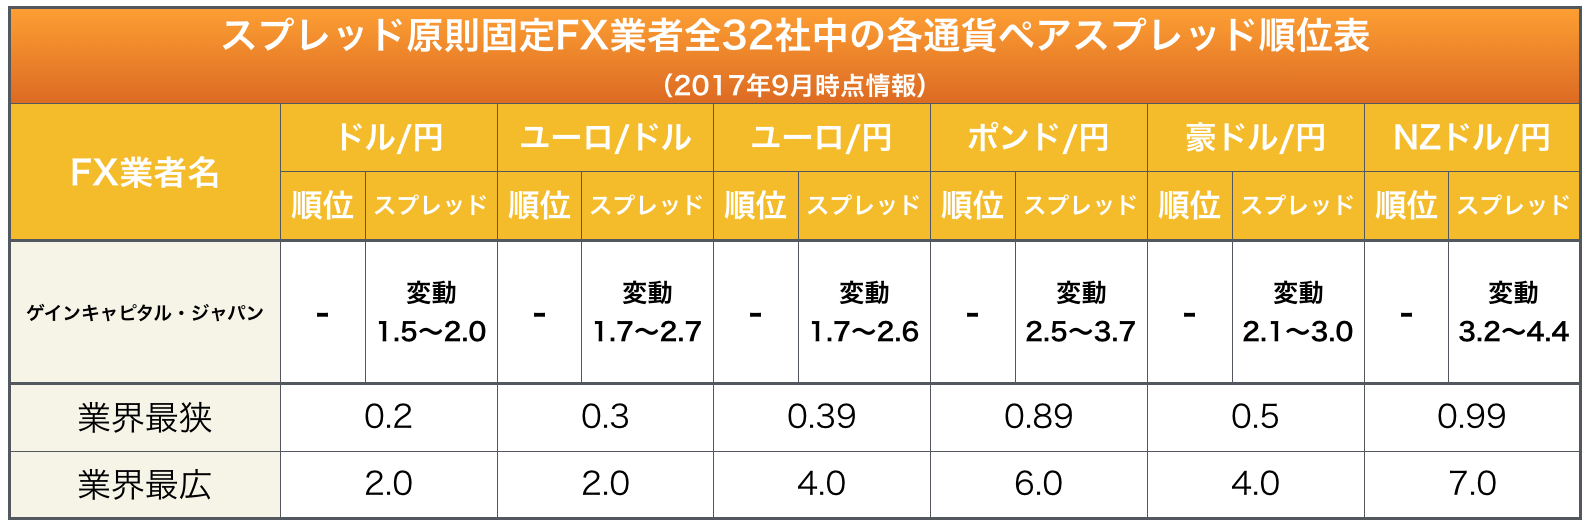 ゲインキャピタル・ジャパン(FOREX.com)の主要通貨ペアに於けるスプレッド